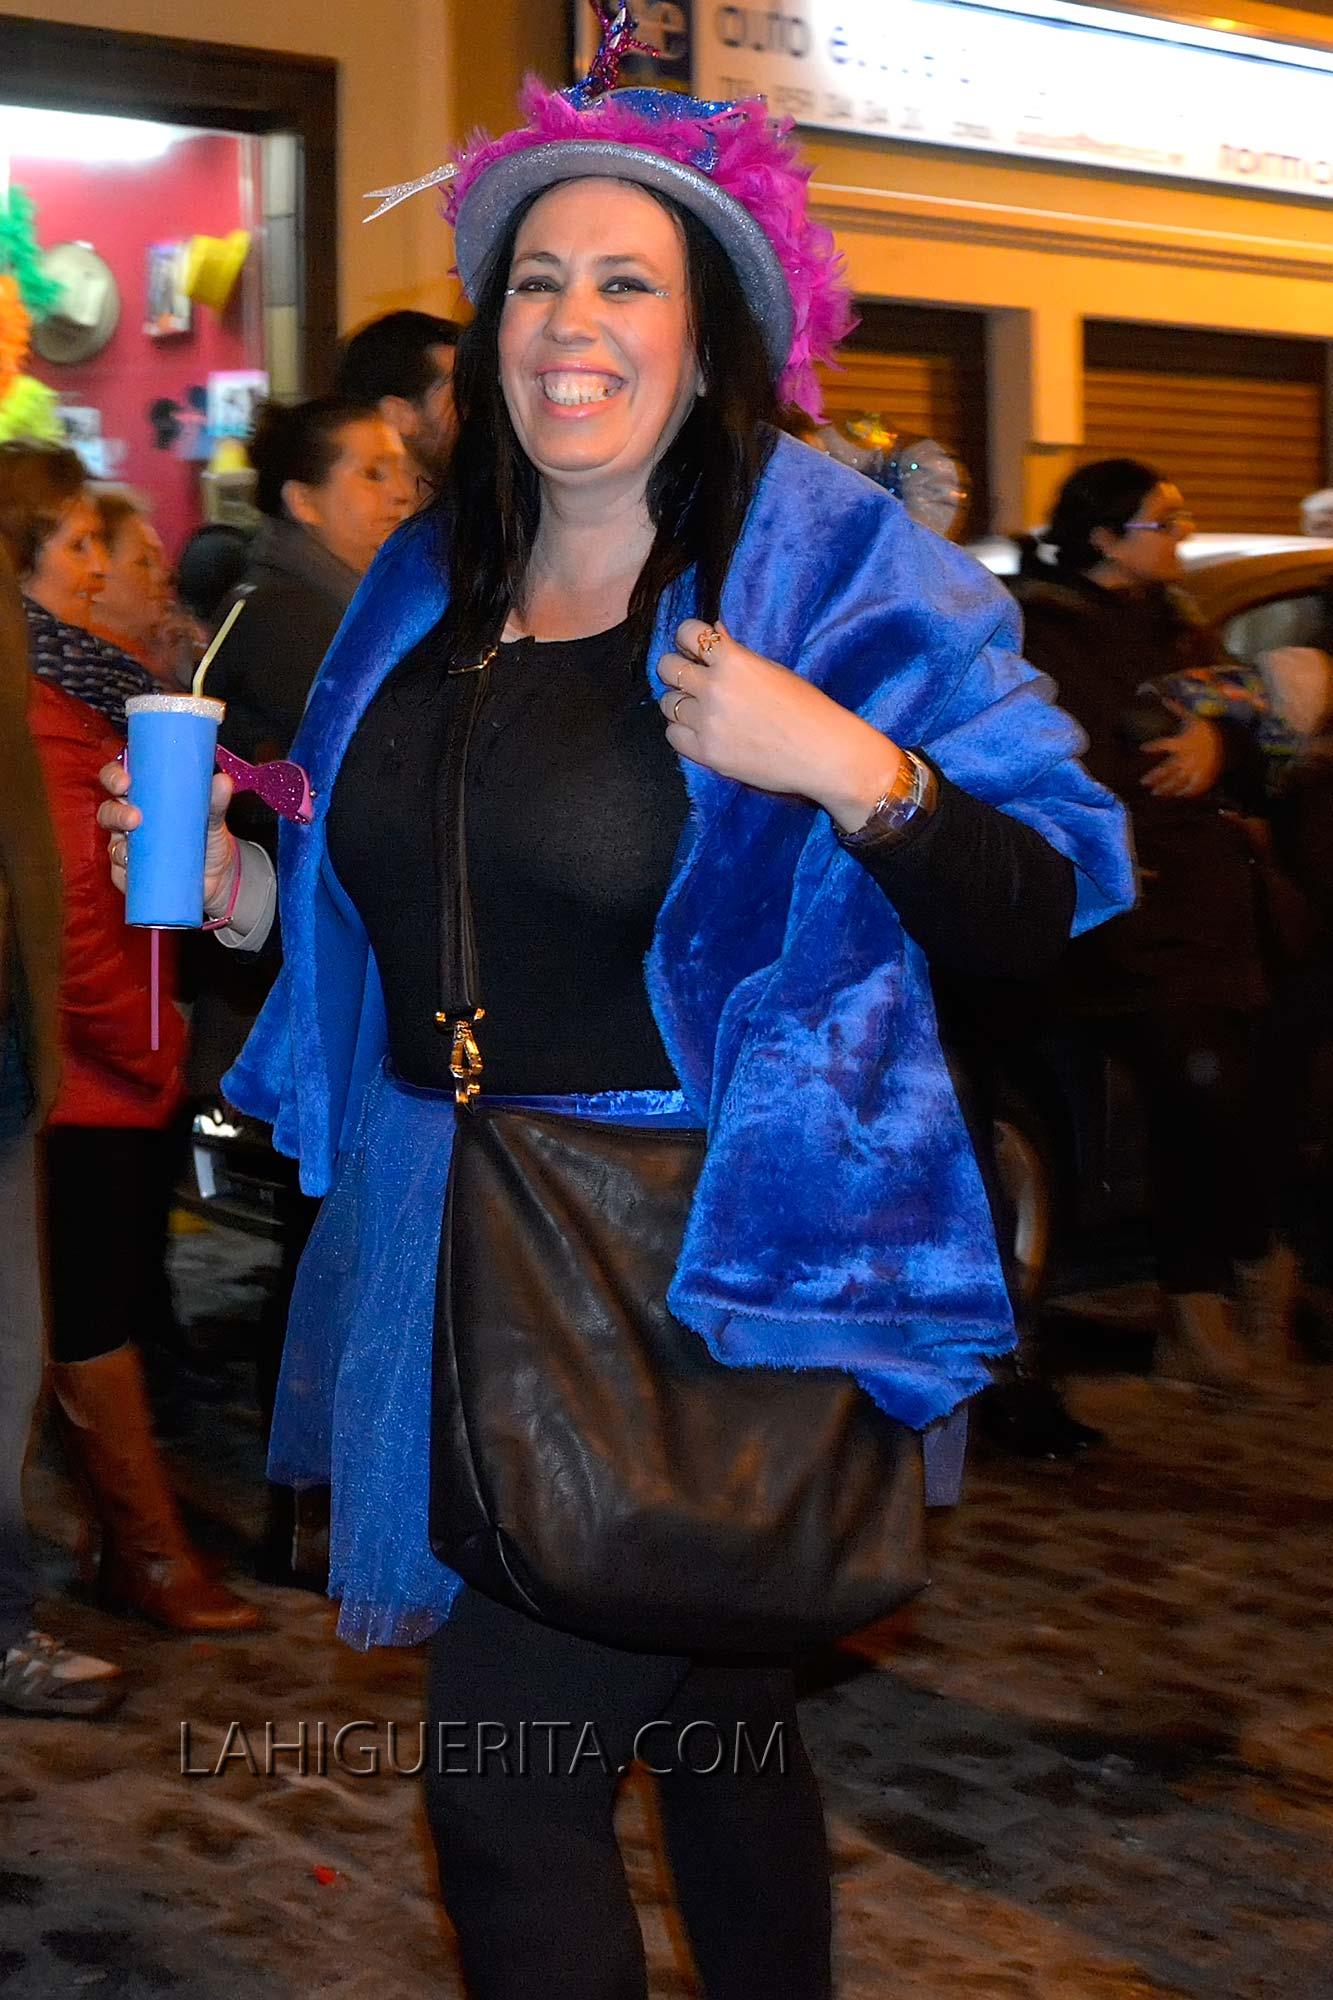 Entierro de la sardina carnaval isla cristina _DSC2006